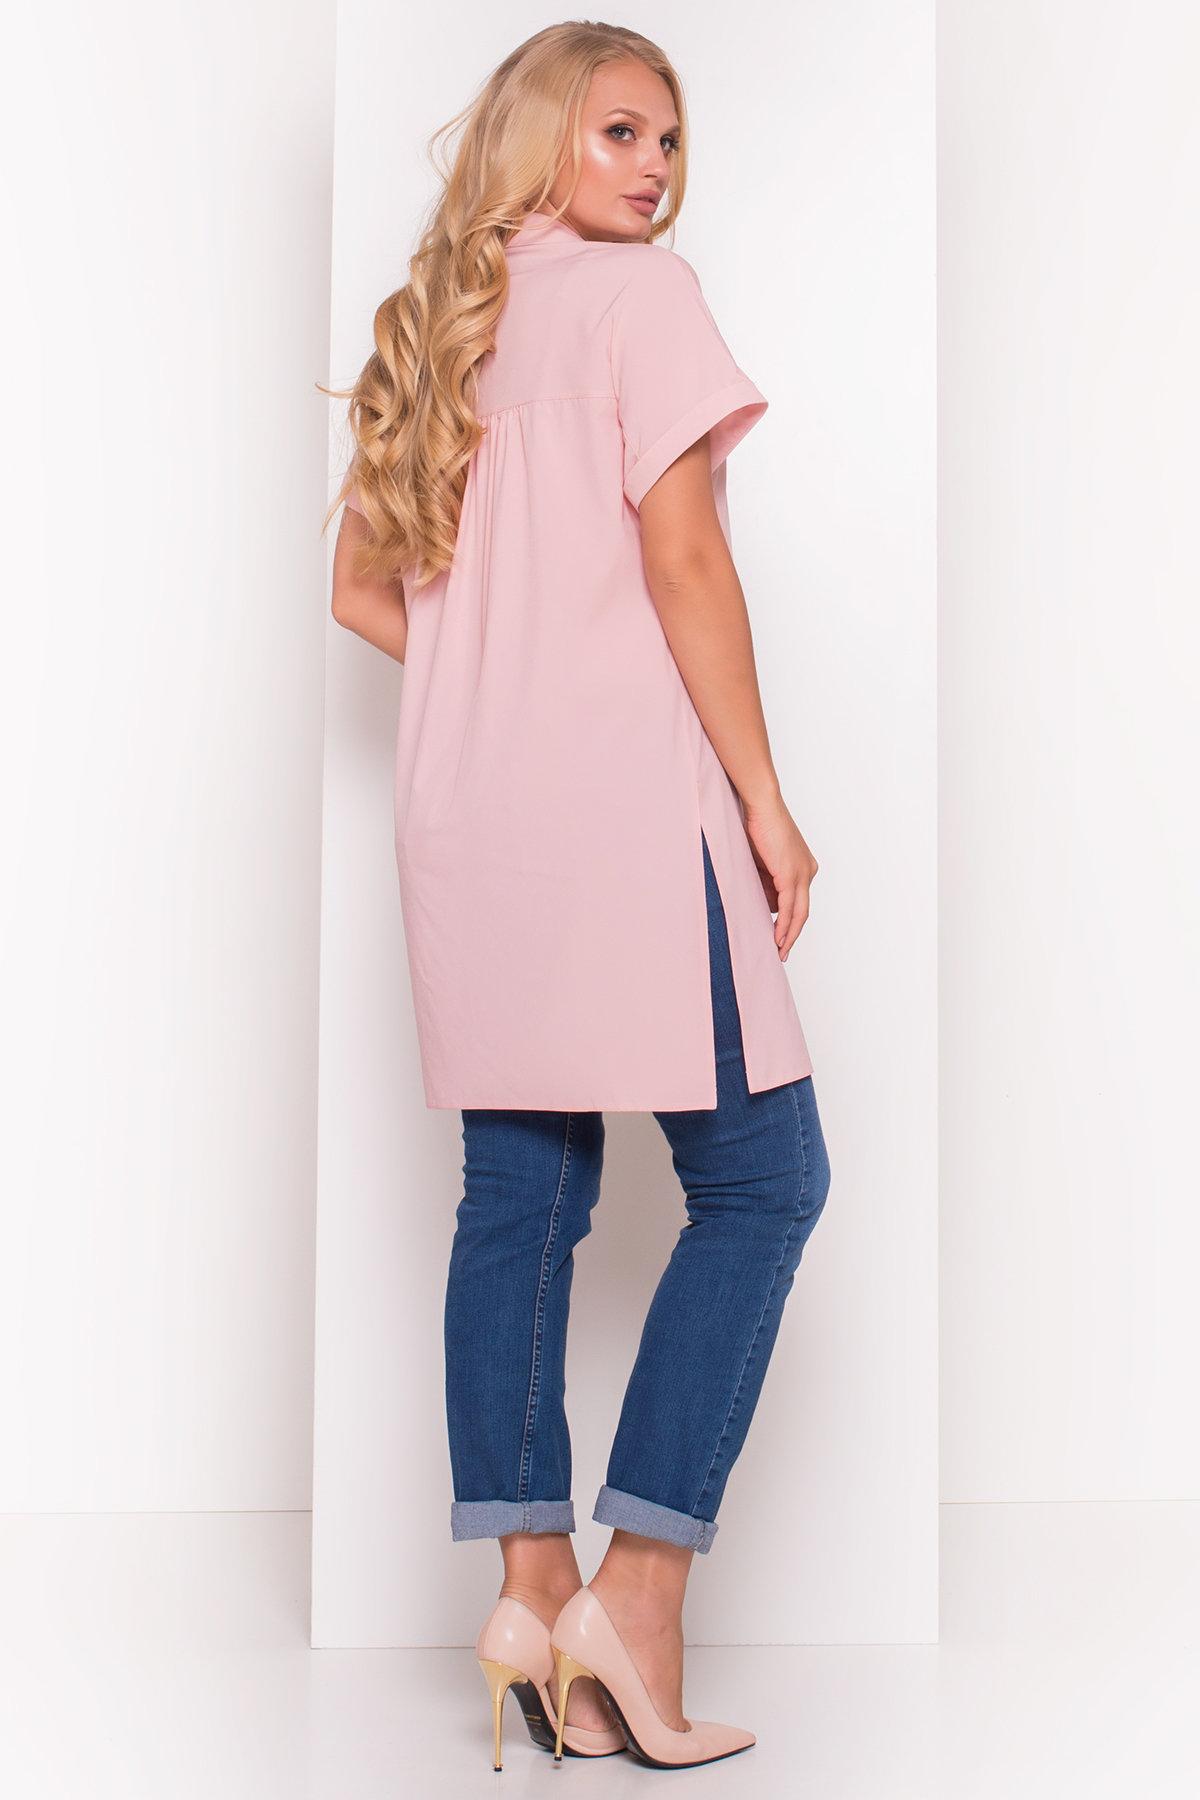 Платье-рубашка Шиен Donna 5088 АРТ. 36129 Цвет: Персик - фото 2, интернет магазин tm-modus.ru